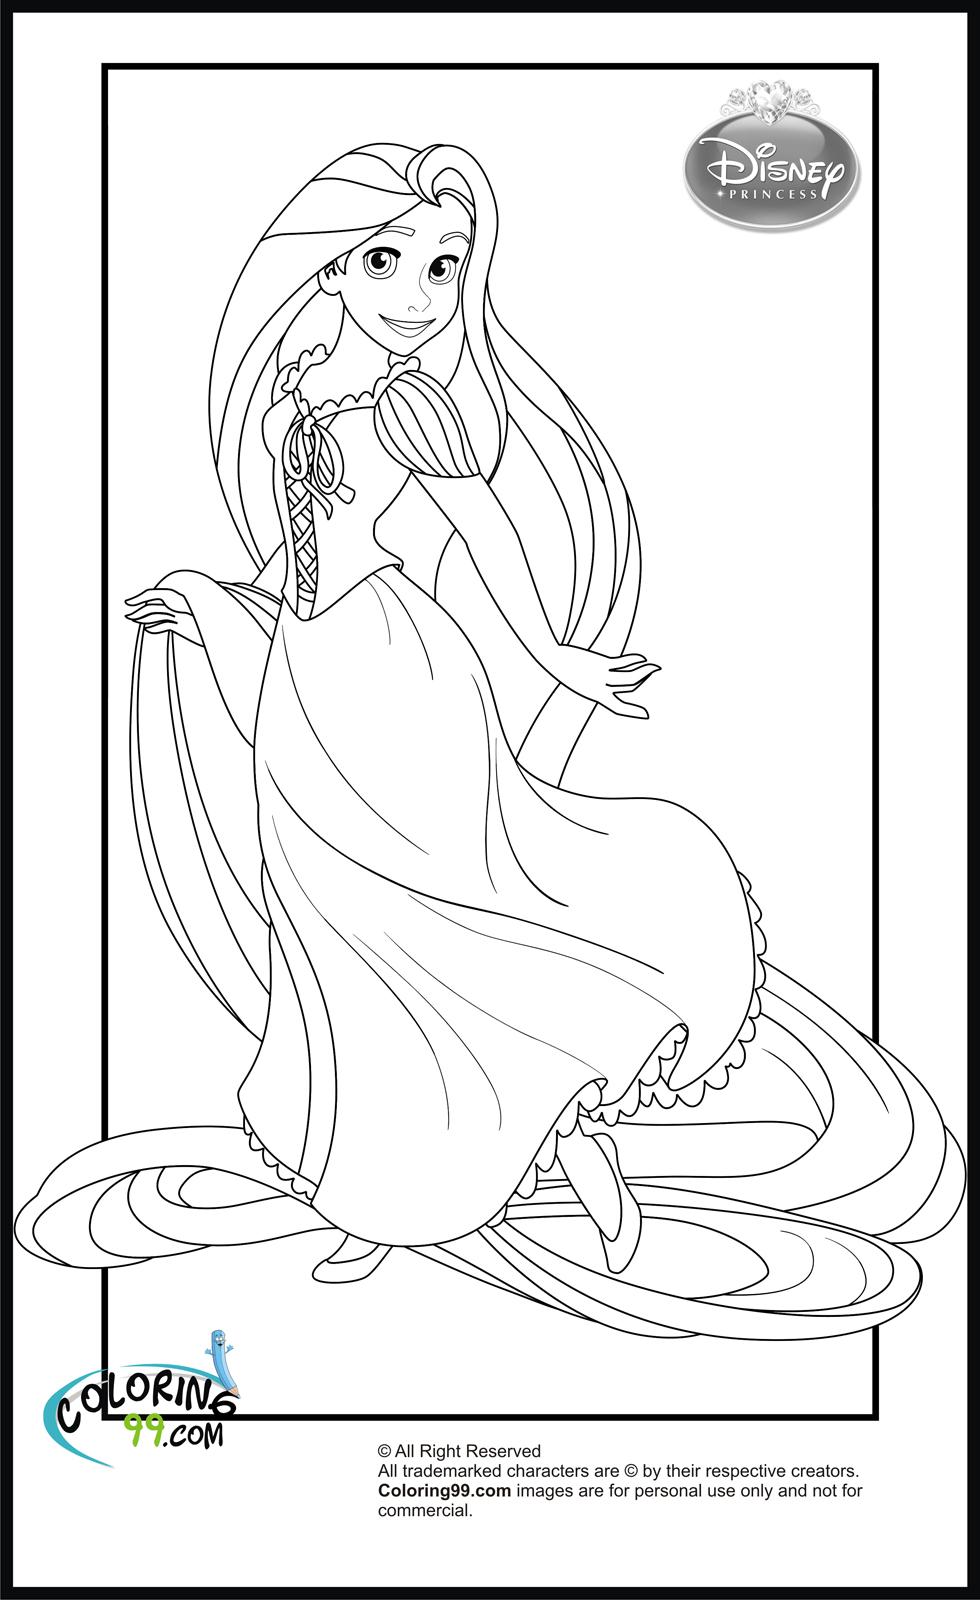 rapunzel images for coloring disney39s tangled coloring pages disneyclipscom for coloring images rapunzel